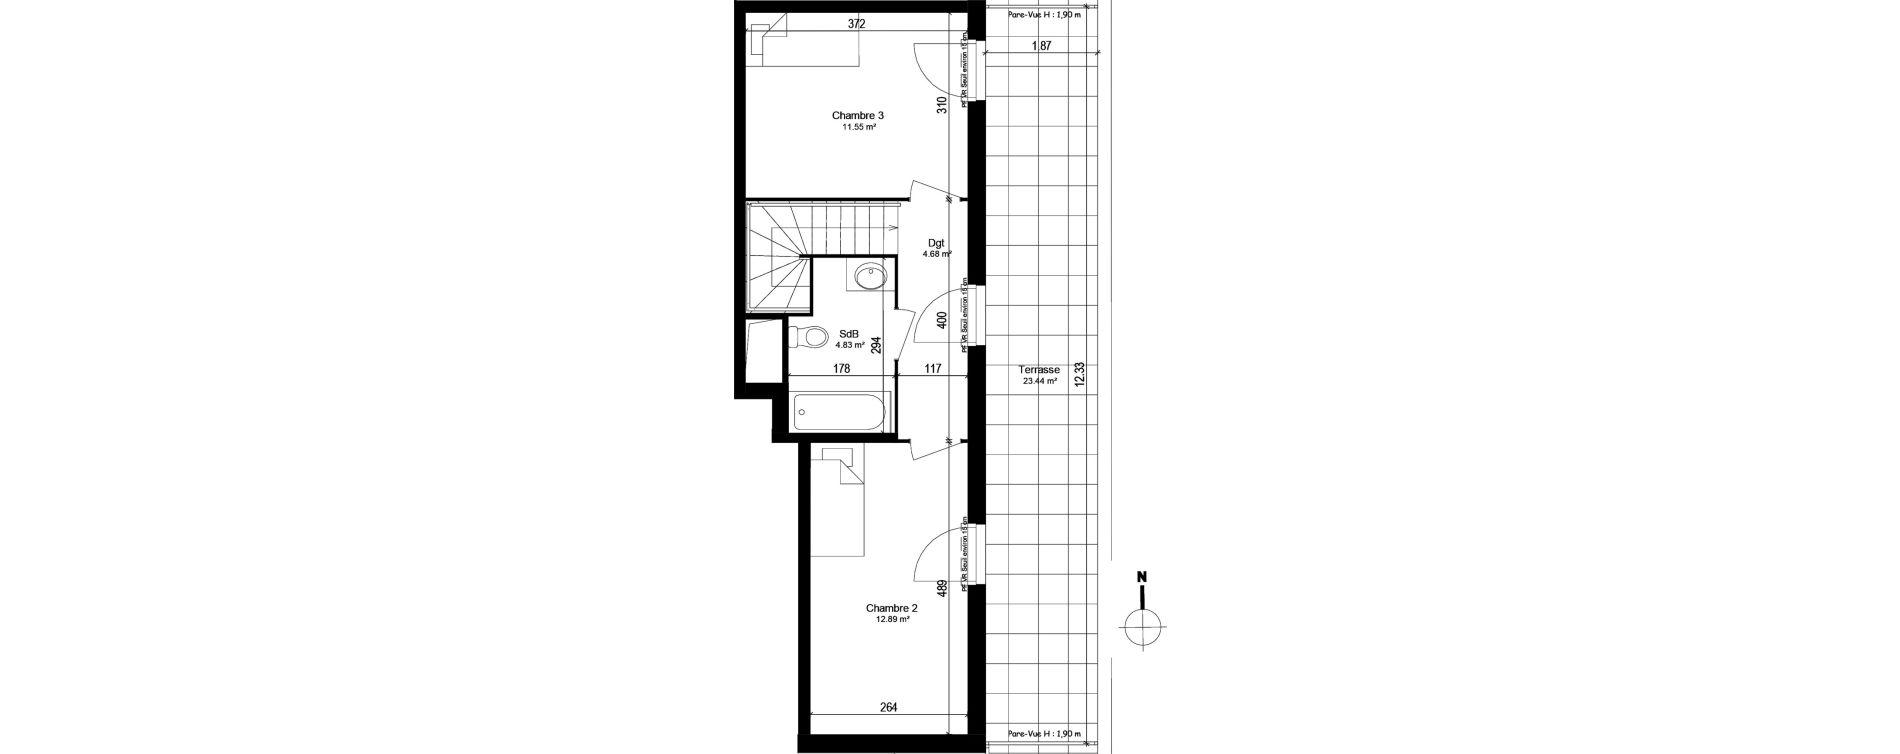 Appartement T4 de 89,28 m2 à Trappes Centre